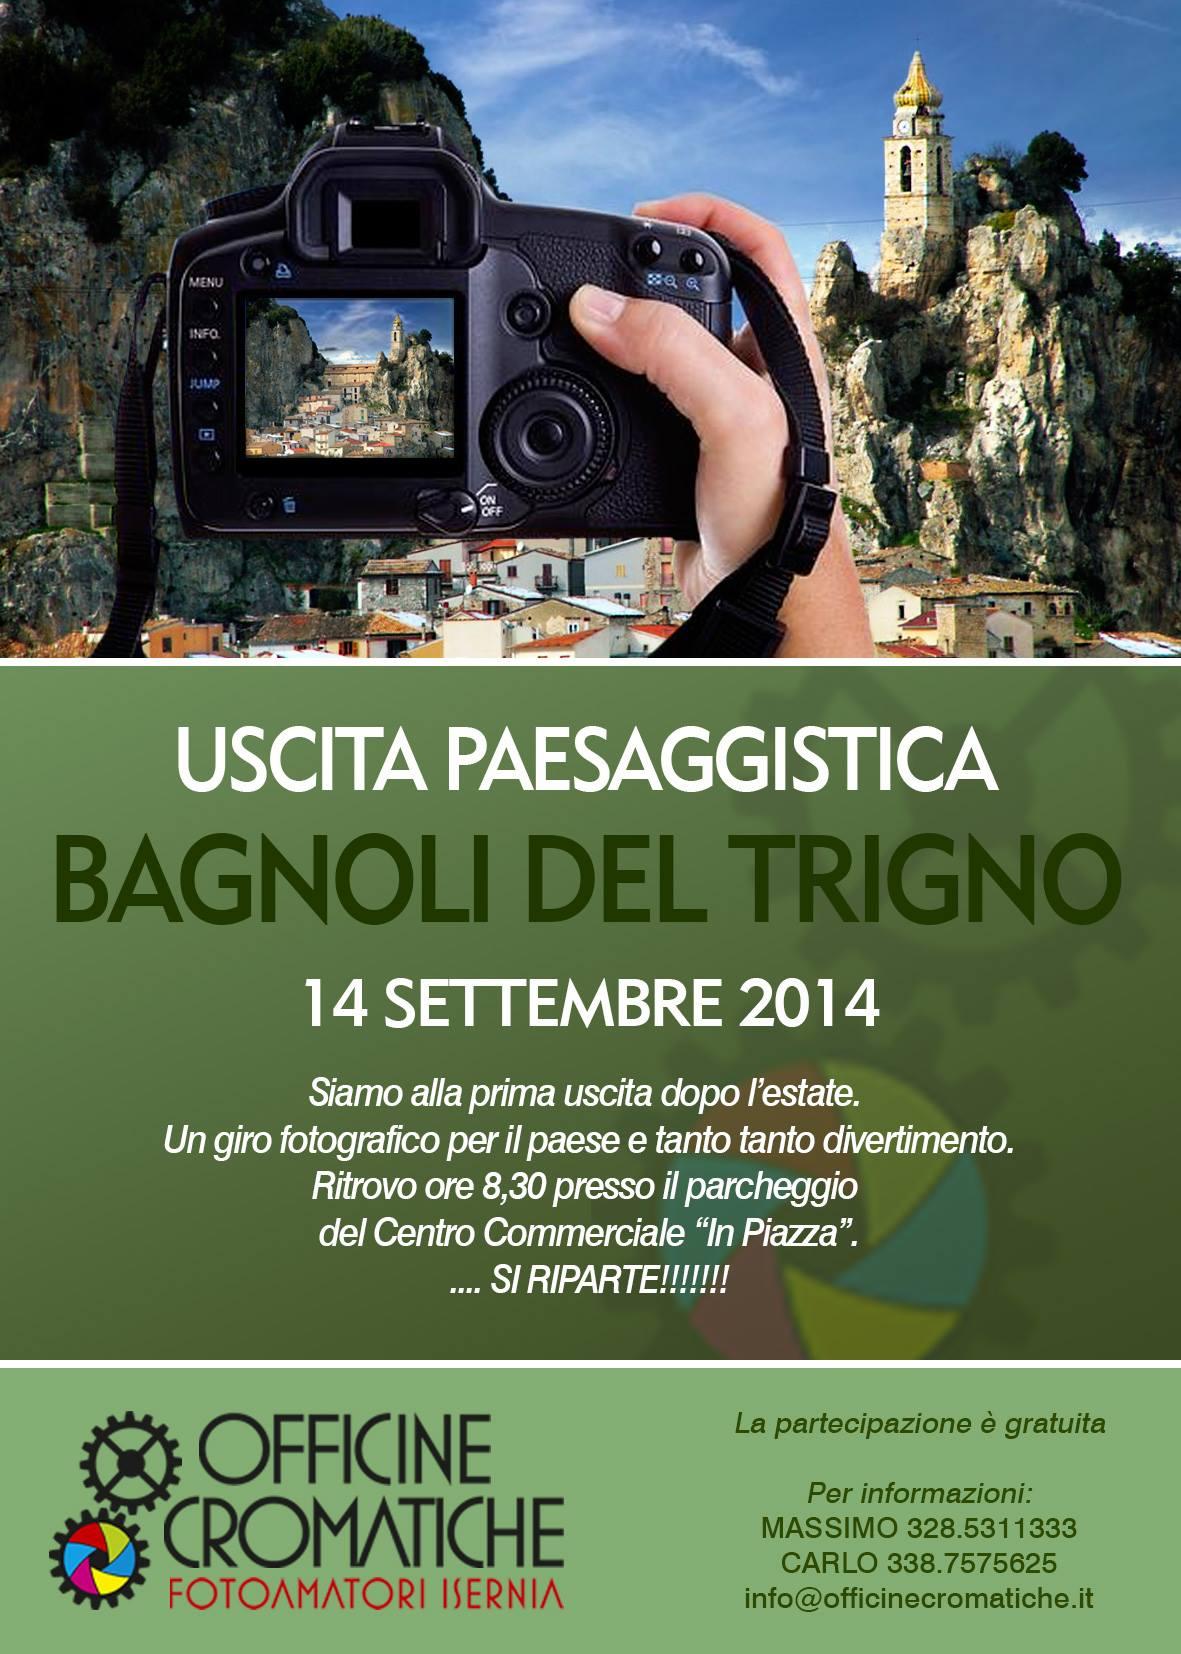 Uscita paesaggistica fotografica - Bagnoli del Trigno (IS)